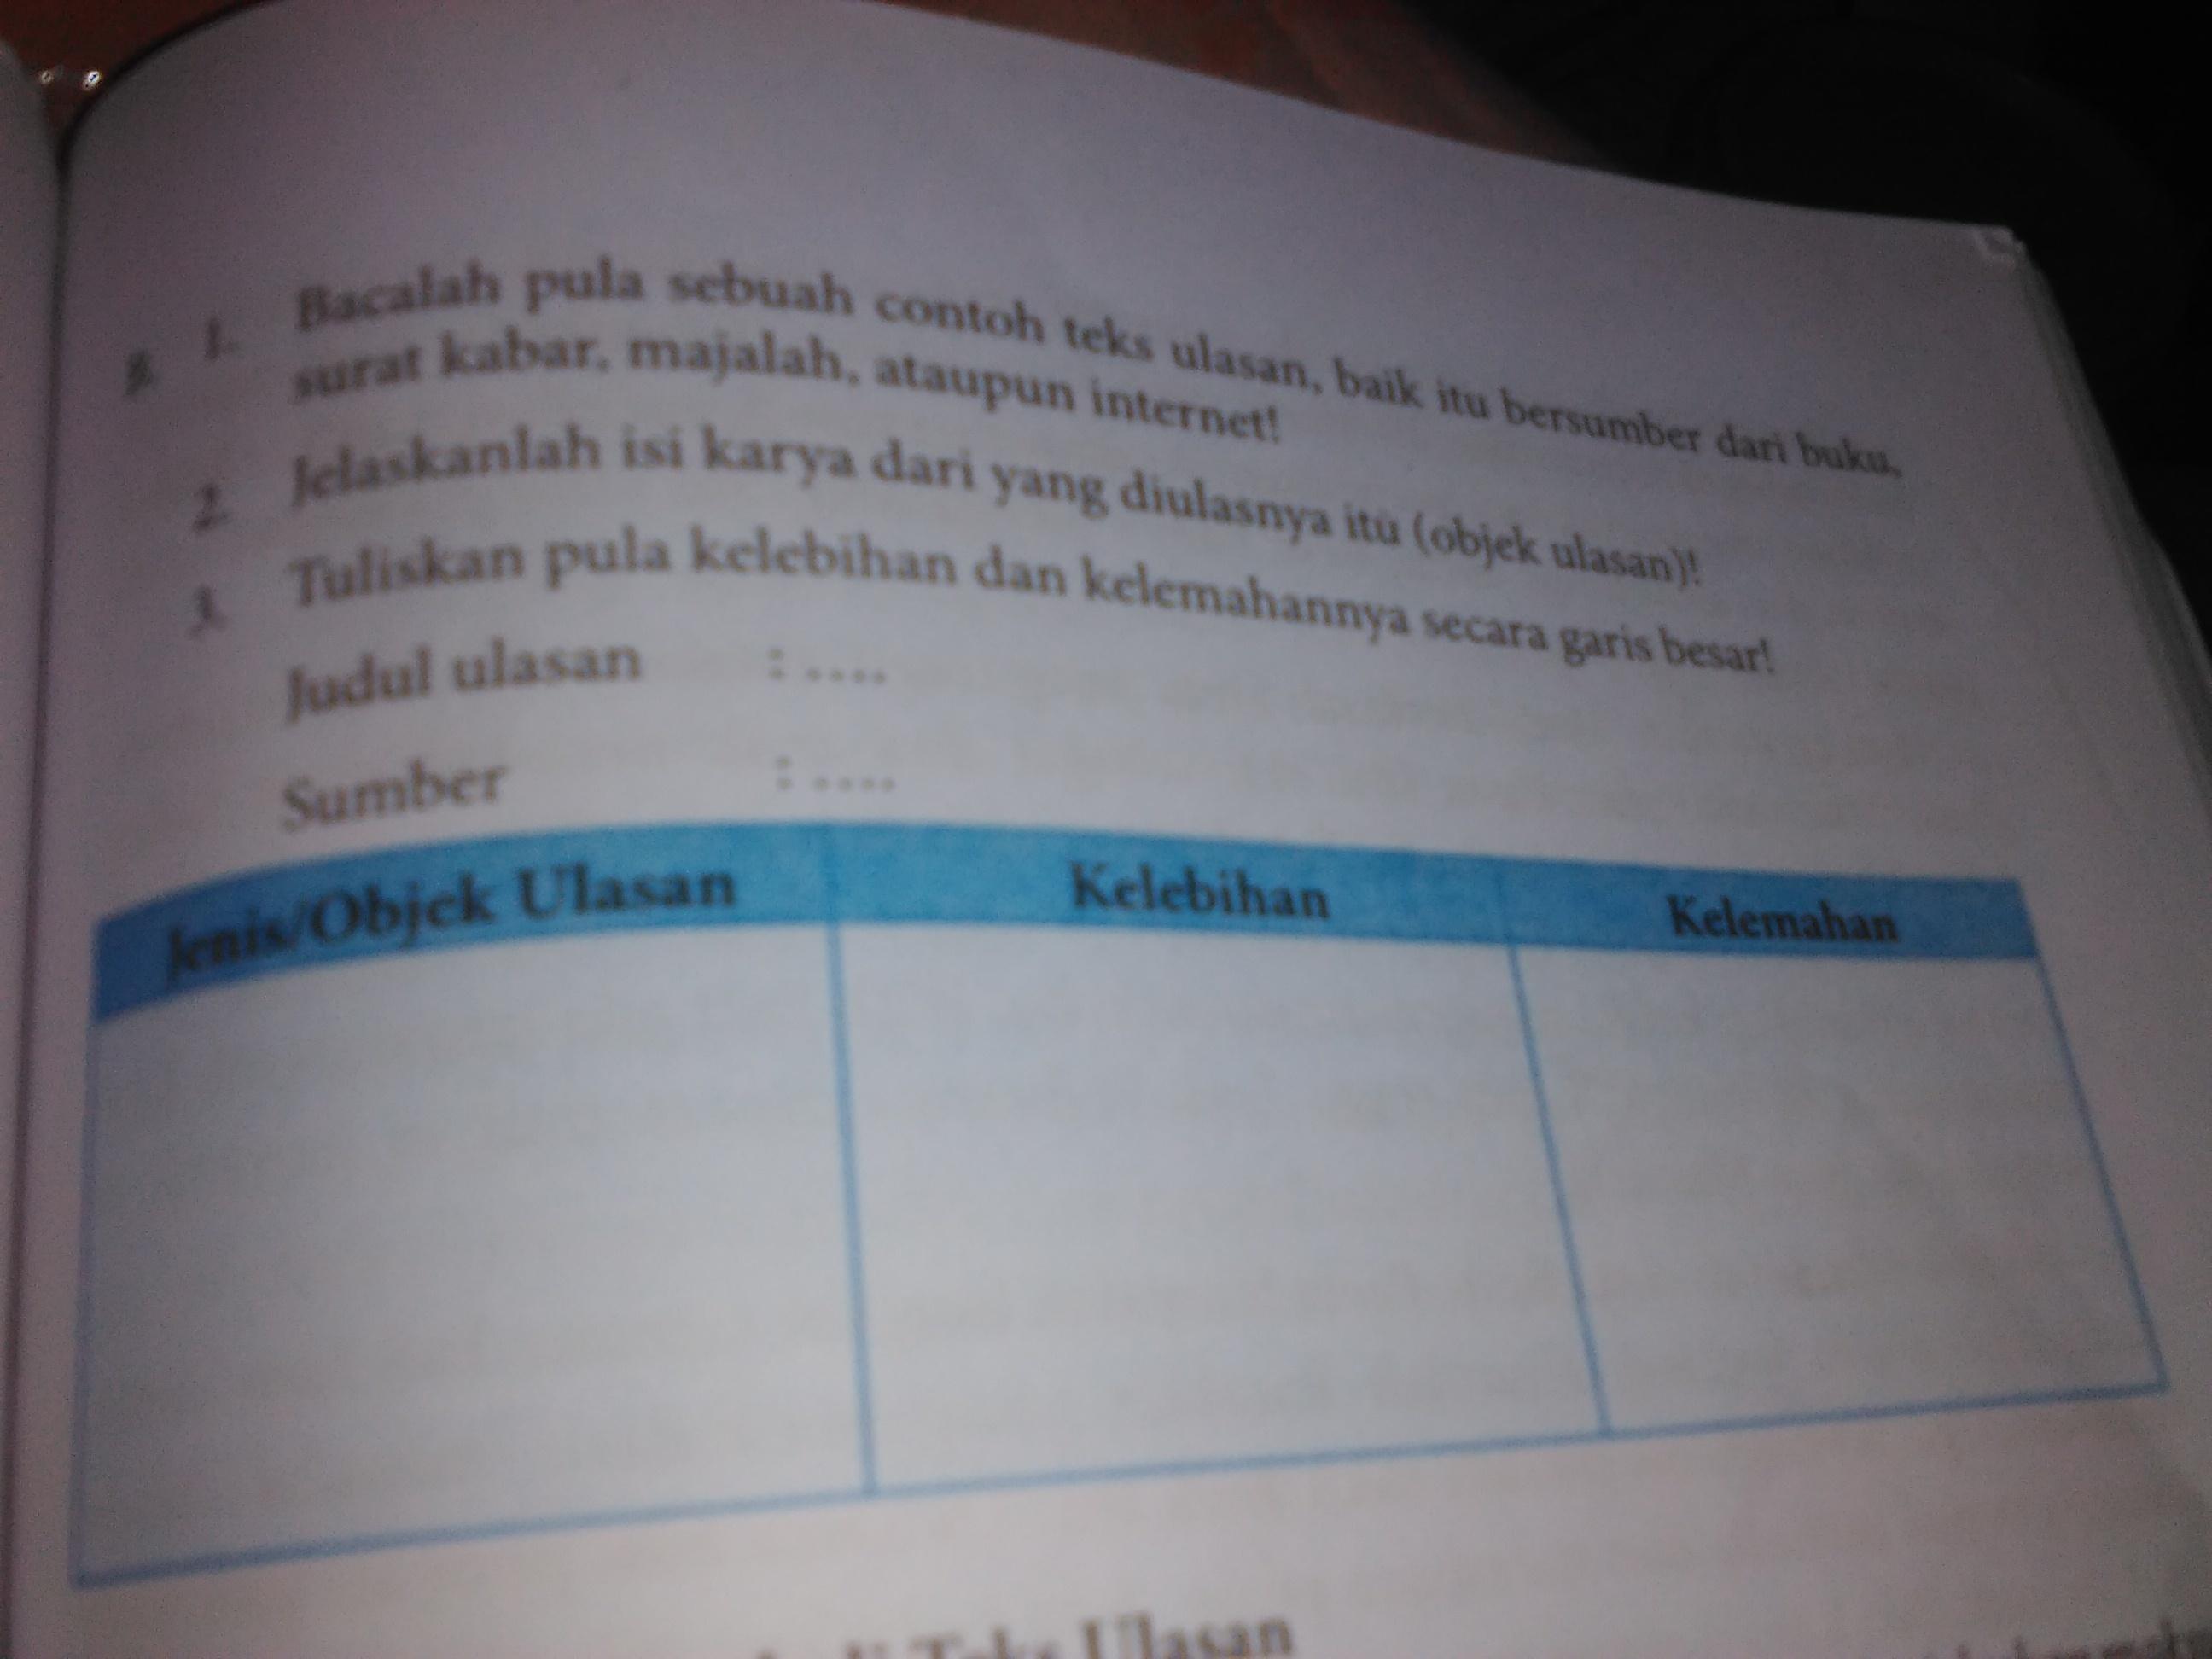 B. 1. Bacalah pula sebuah contoh teks ulasan, baik itu